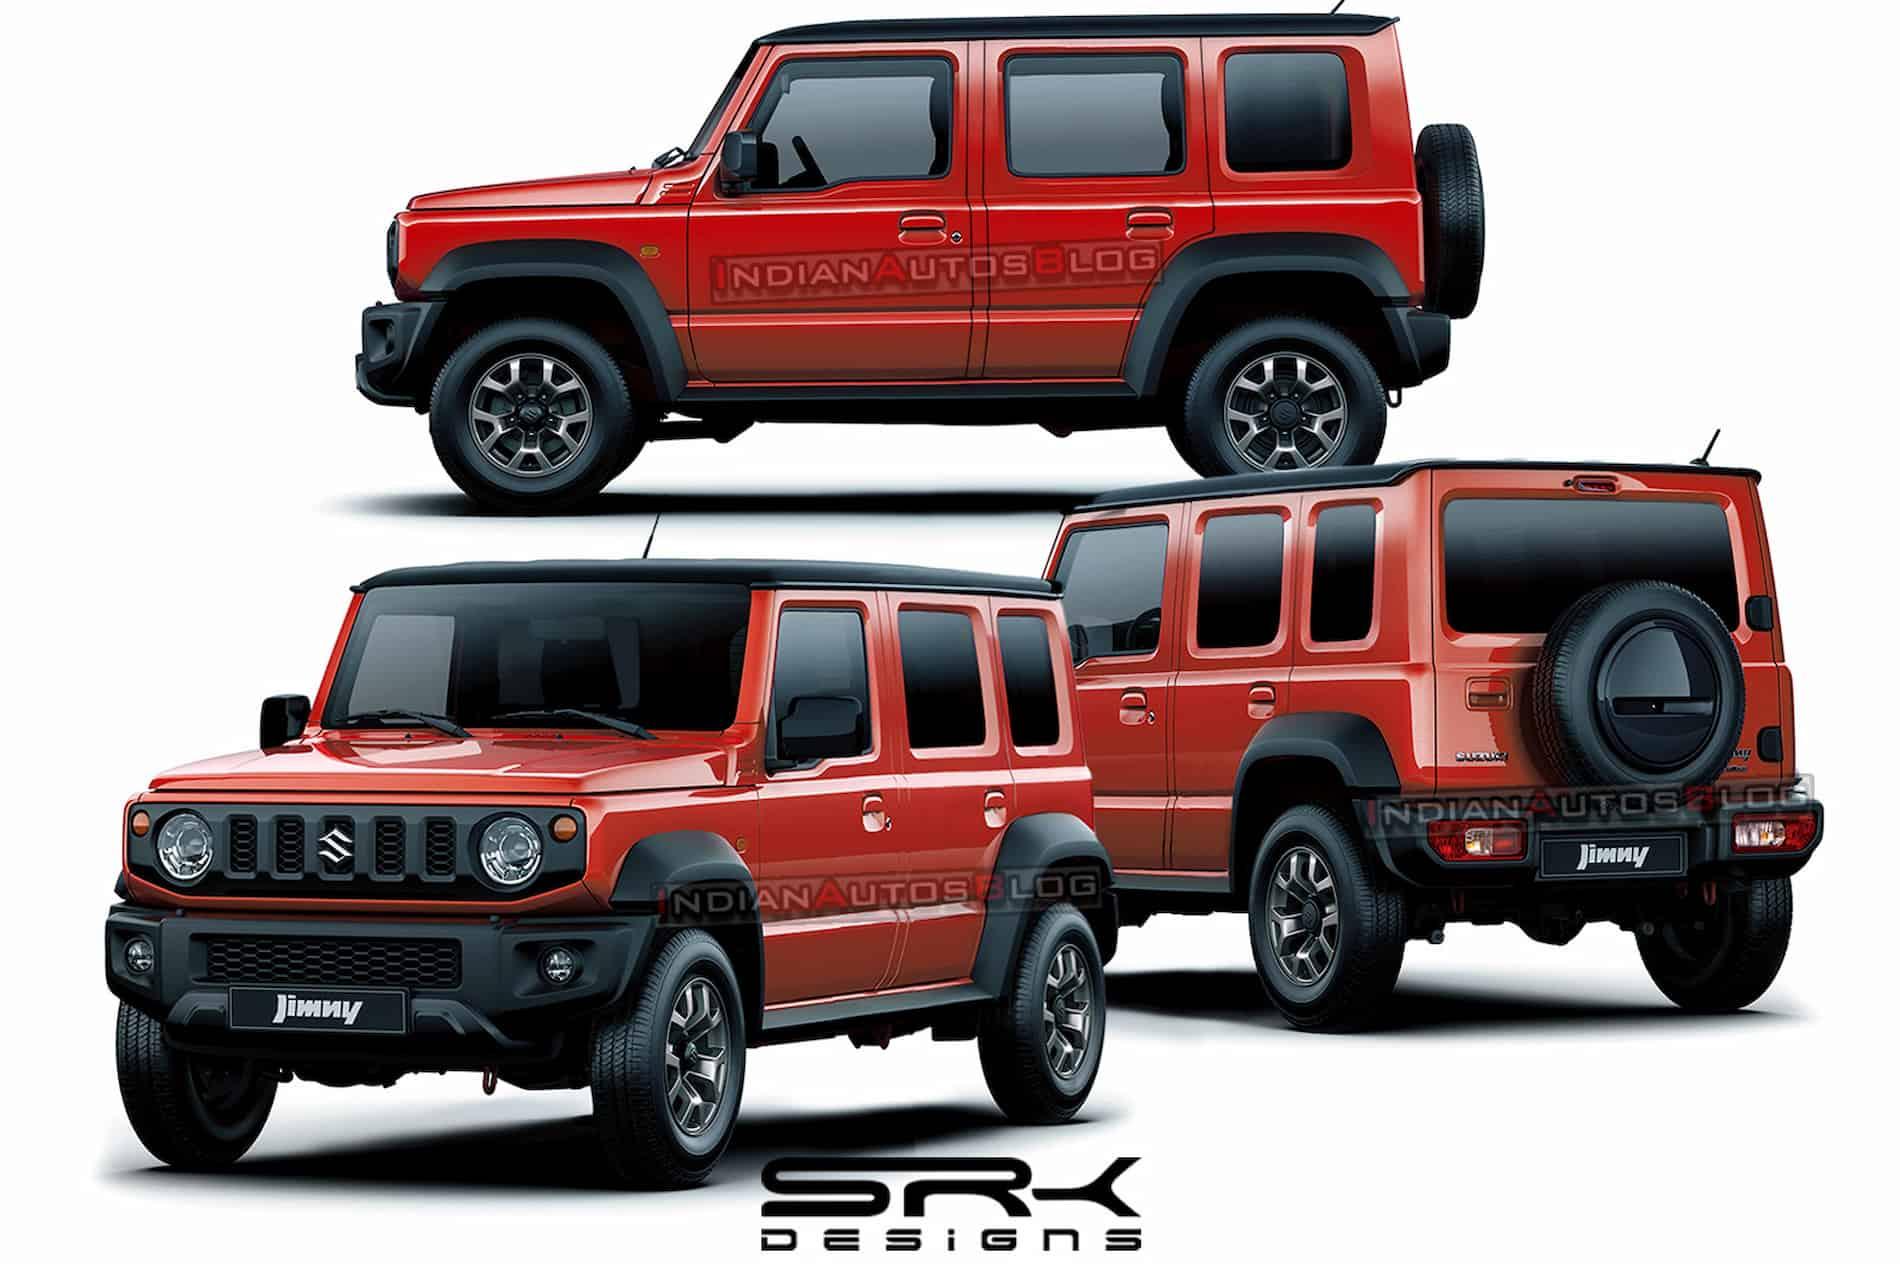 maruti suzuki jimny 5 door 2021 rendering front 3 9142